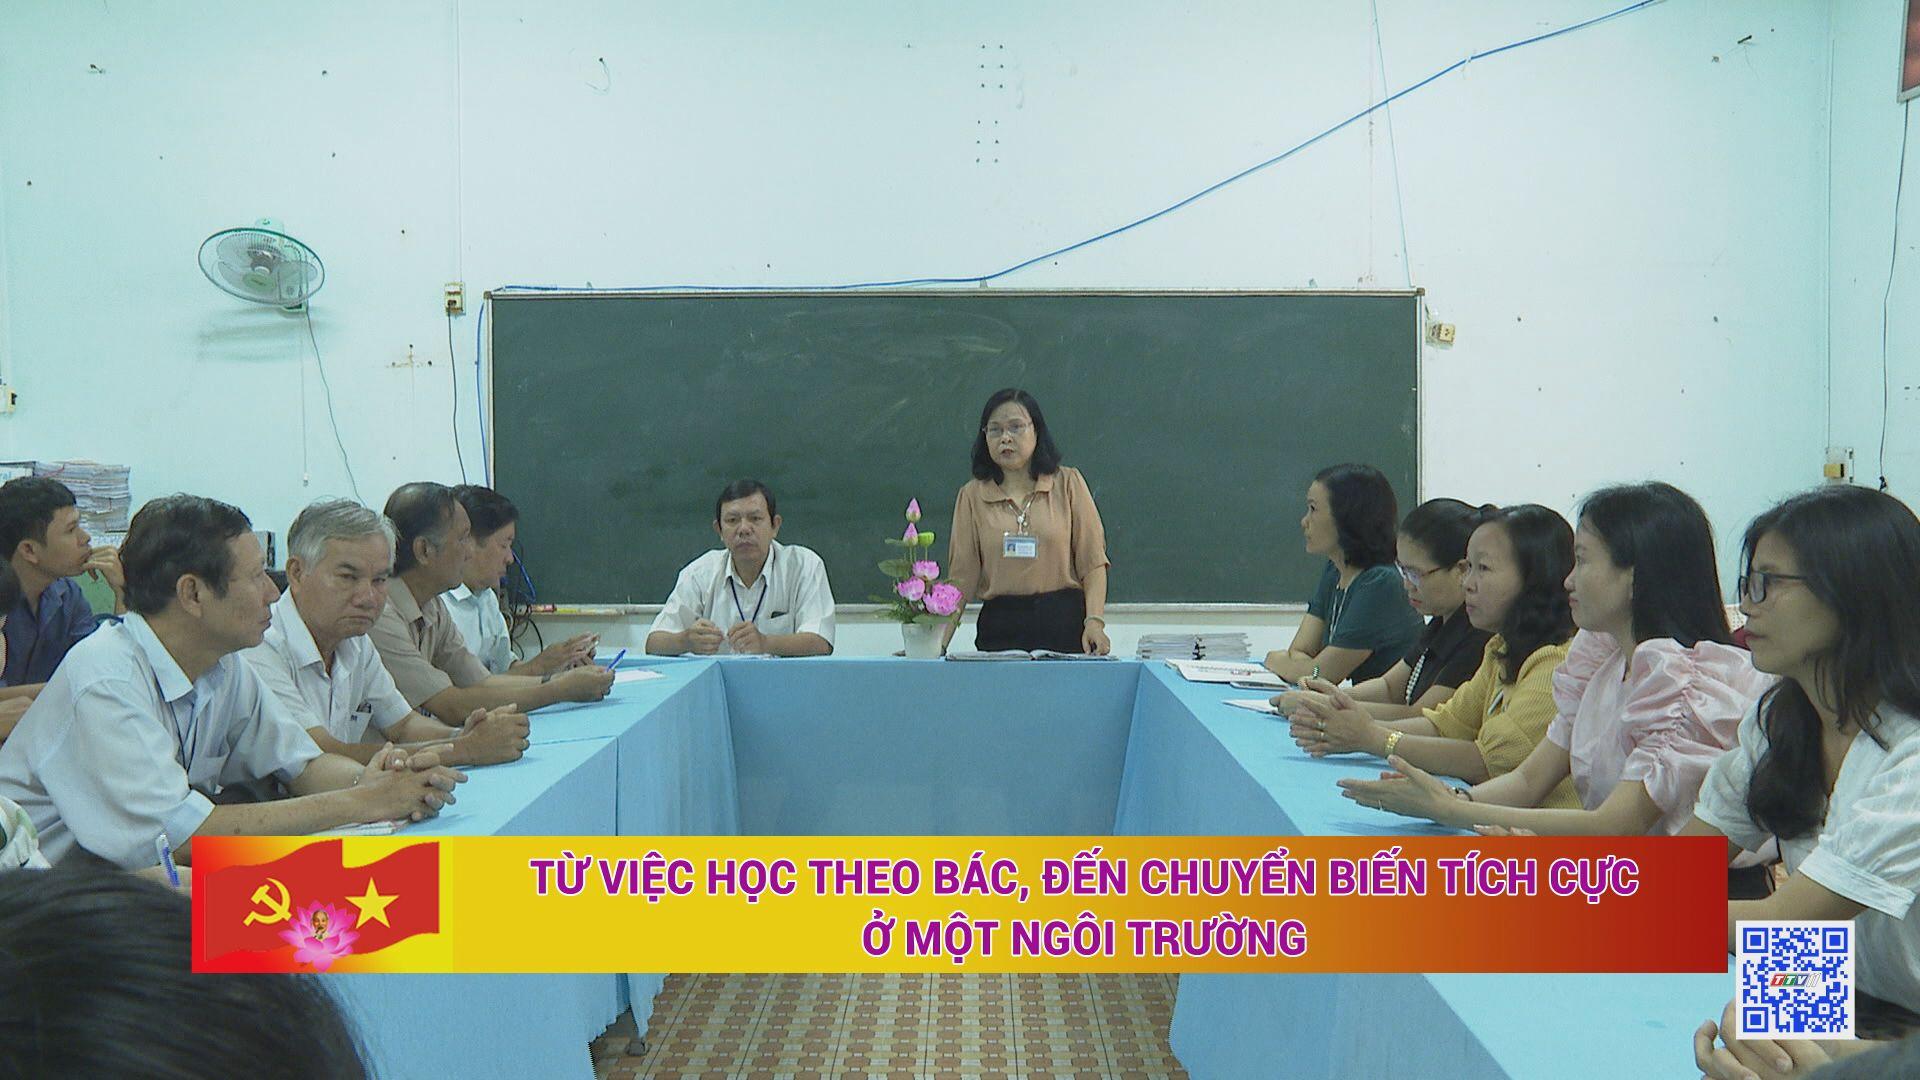 Từ việc học theo Bác, đến chuyển biến tích cực ở một ngôi trường | HỌC TẬP VÀ LÀM THEO TƯ TƯỞNG, ĐẠO ĐỨC, PHONG CÁCH HỒ CHÍ MINH | TayNinhTV